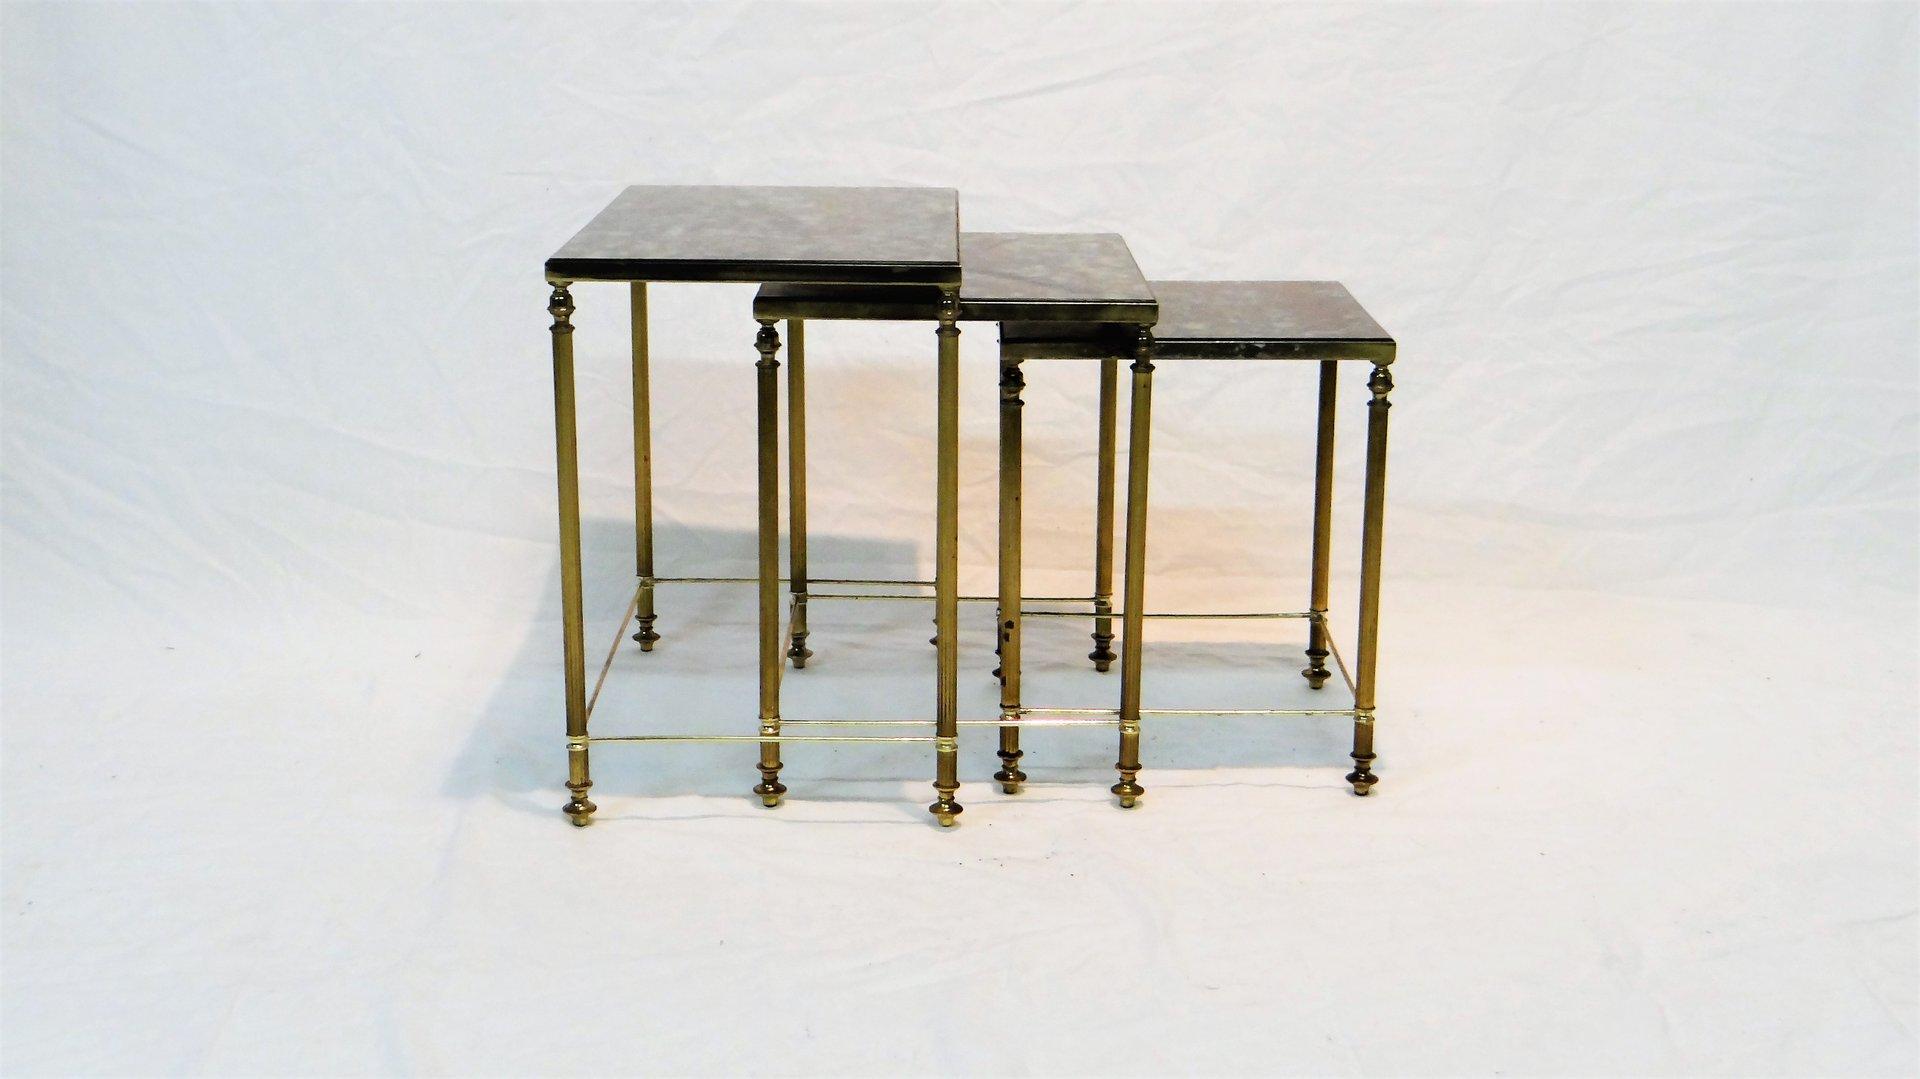 Tavolini a incastro vintage in ottone con vetro francia - Tavolini vetro e ottone ...